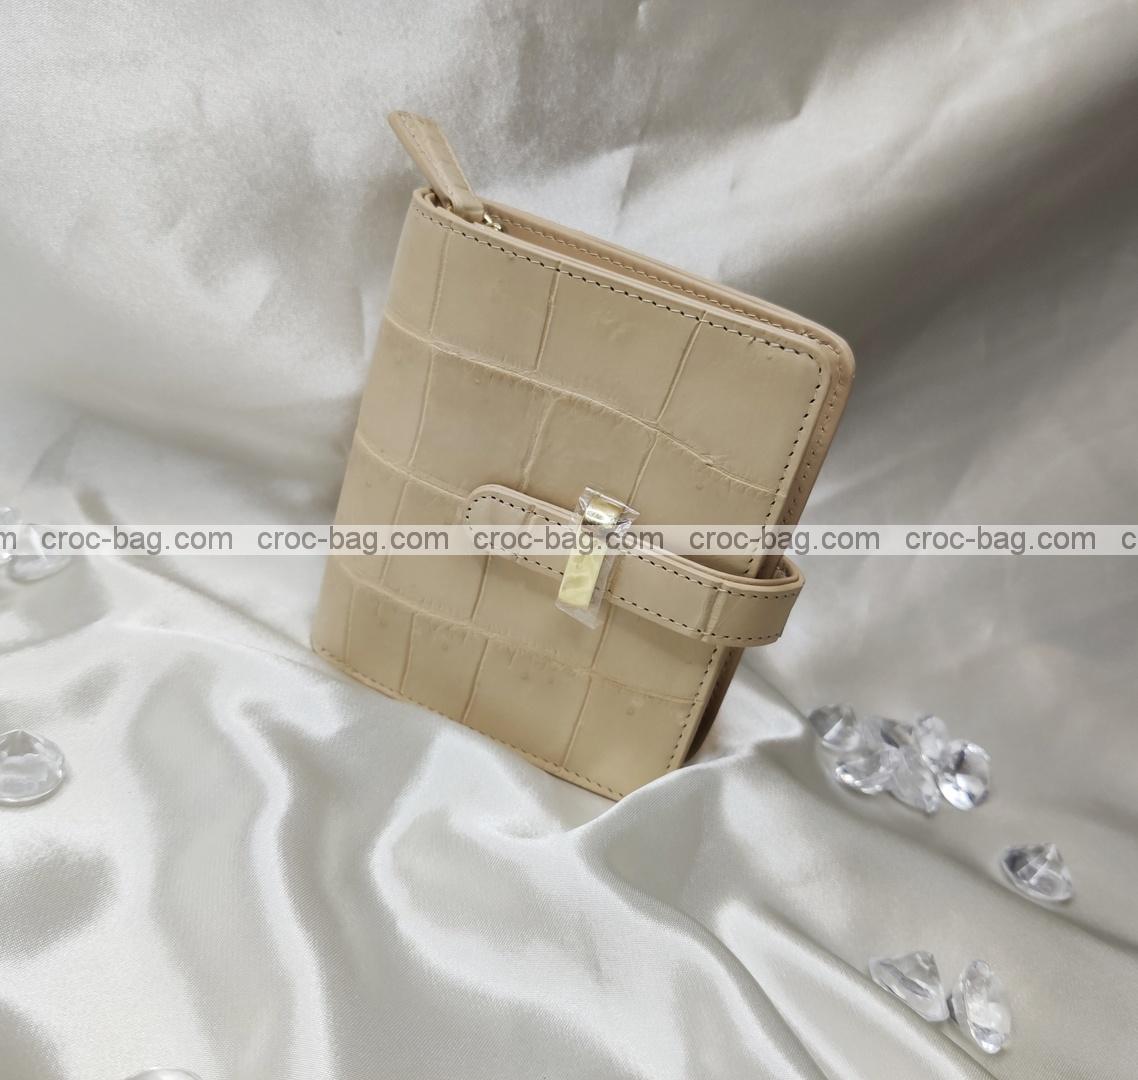 กระเป๋าหนังจระเข้สำหรับผู้หญิง 5343